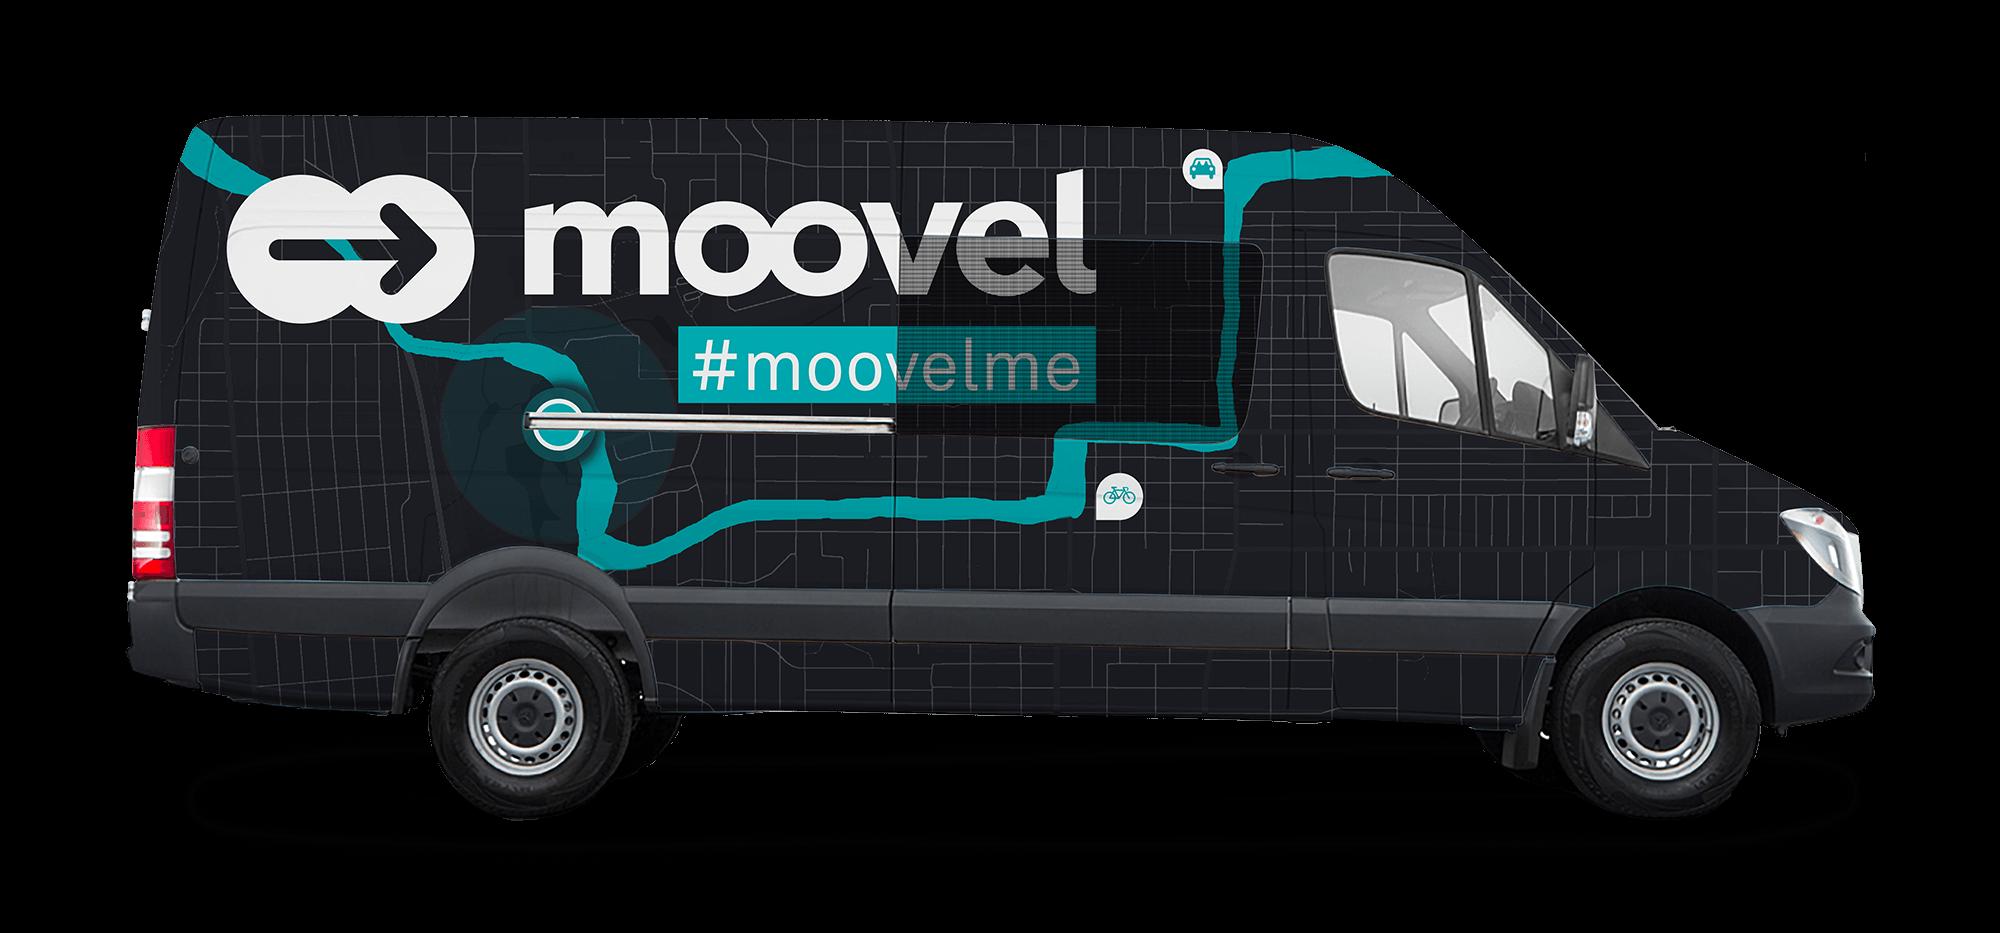 moovel van wrap using #moovelme hashtag